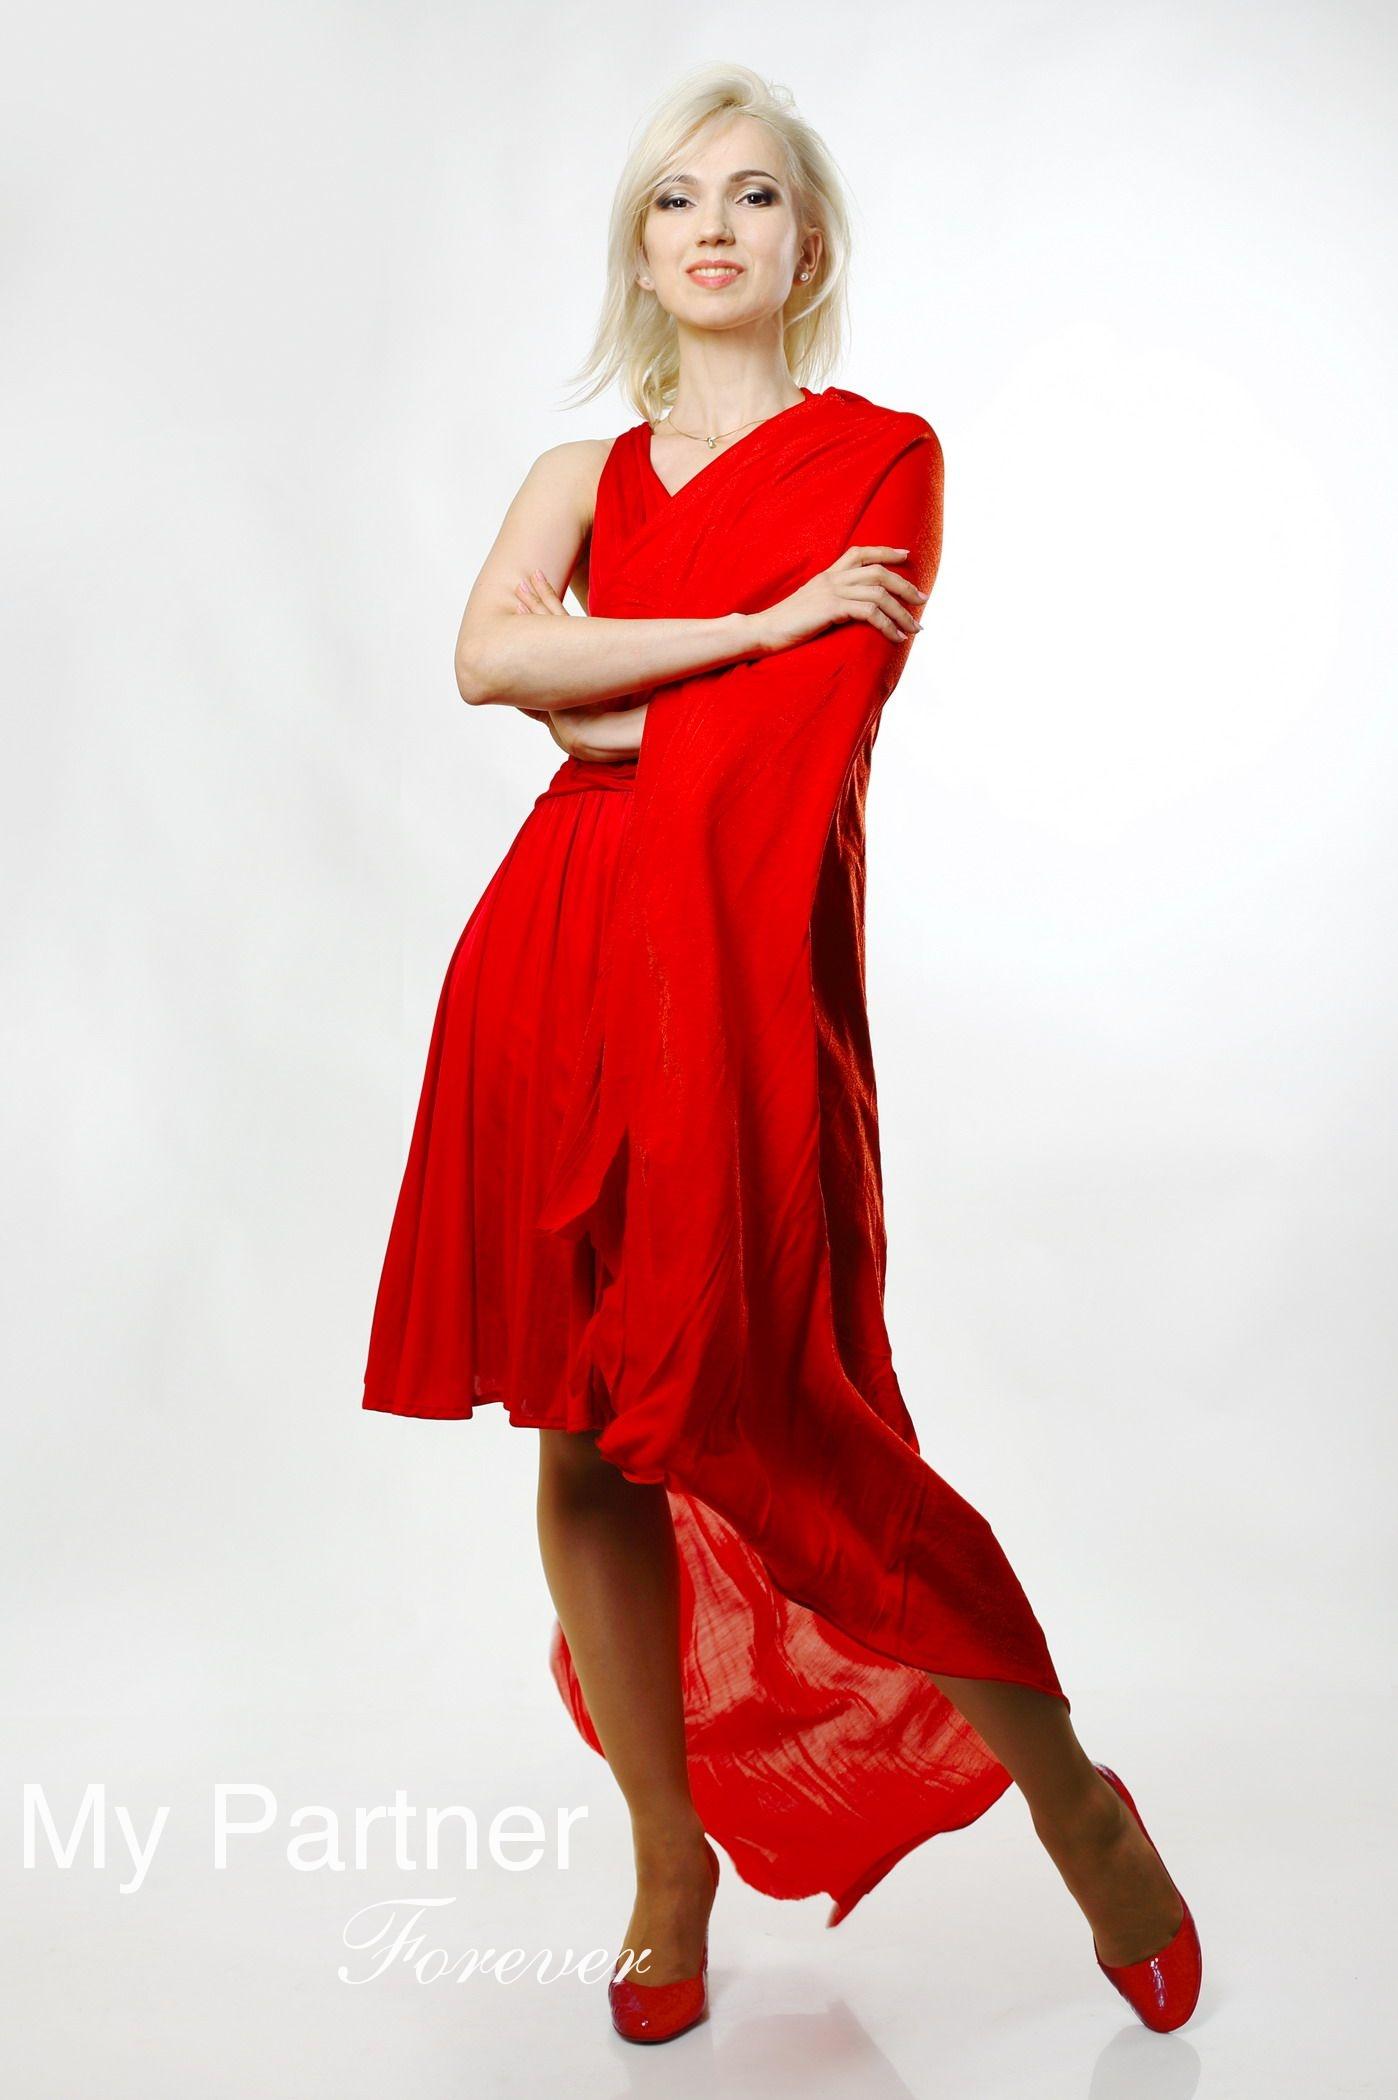 Single Belarusian Lady Tatiyana from Minsk, Belarus